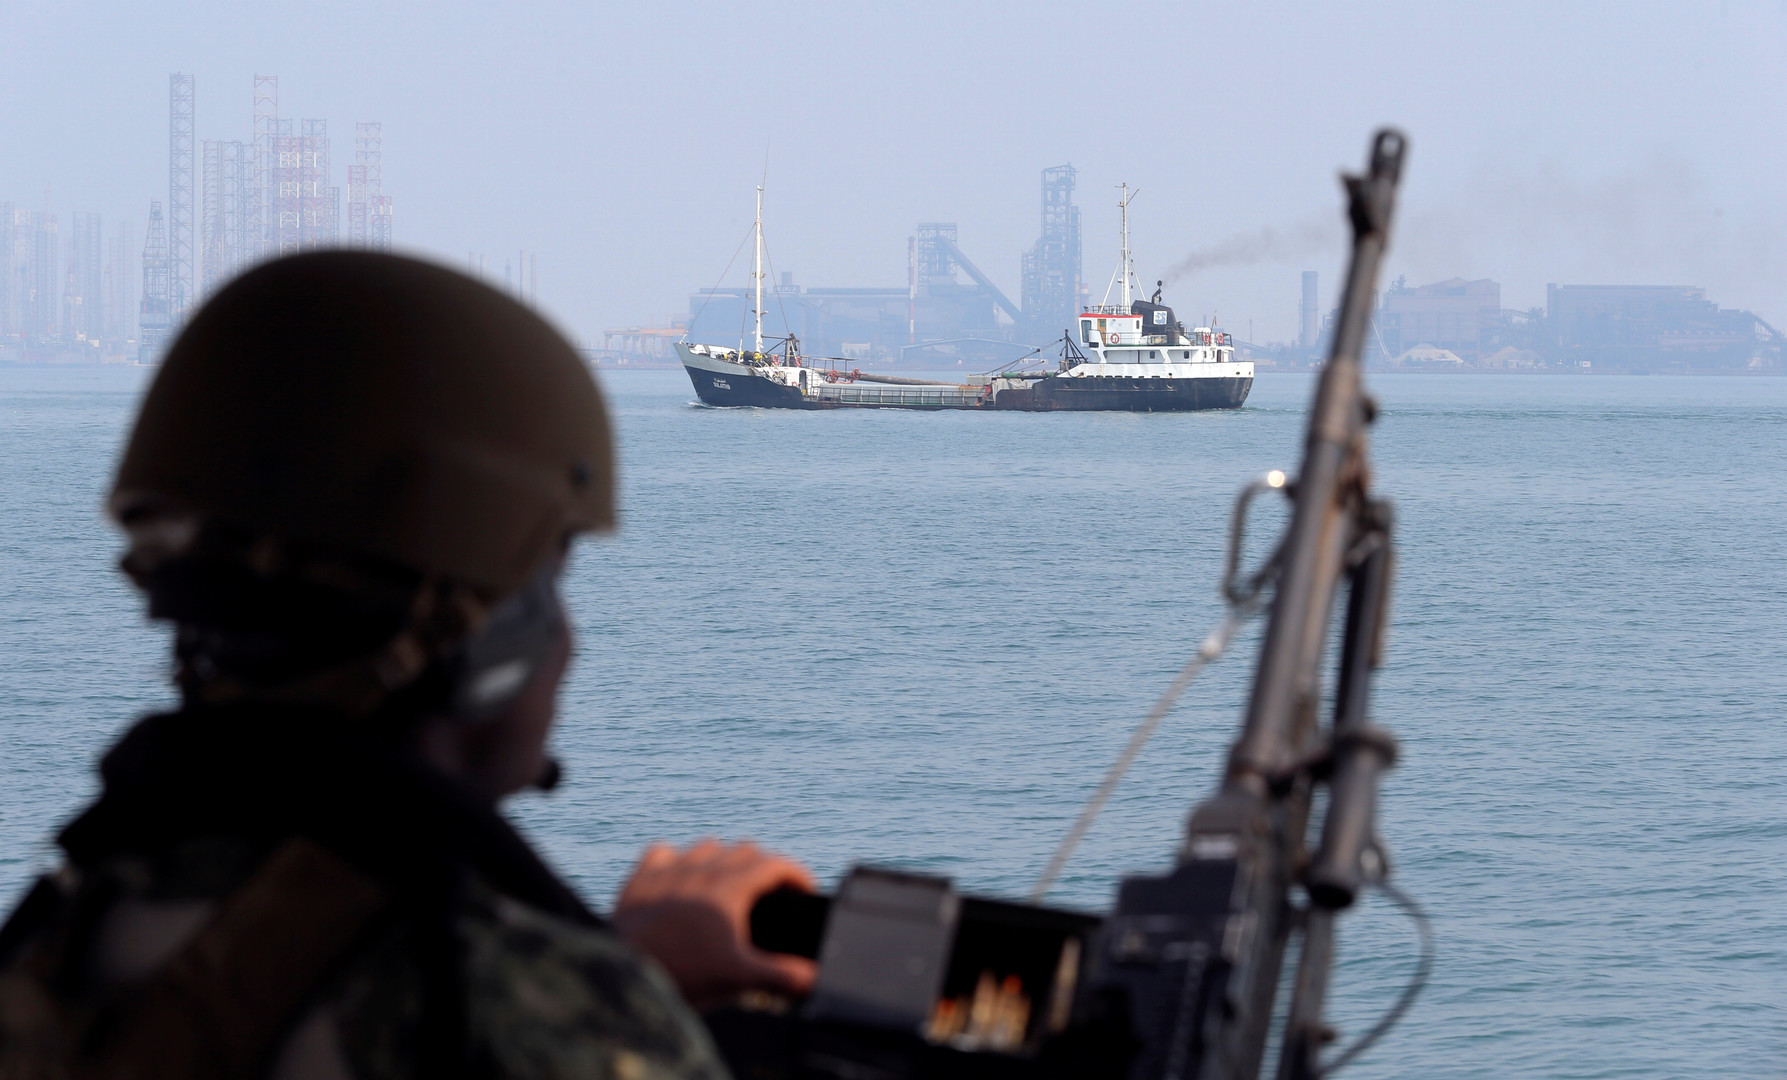 عنصر من البحرية الأمريكية على متن زورق دورية أثناء تدريبات مكافحة الألغام الأمريكية MCMEX في بحر العرب (أرشيف)